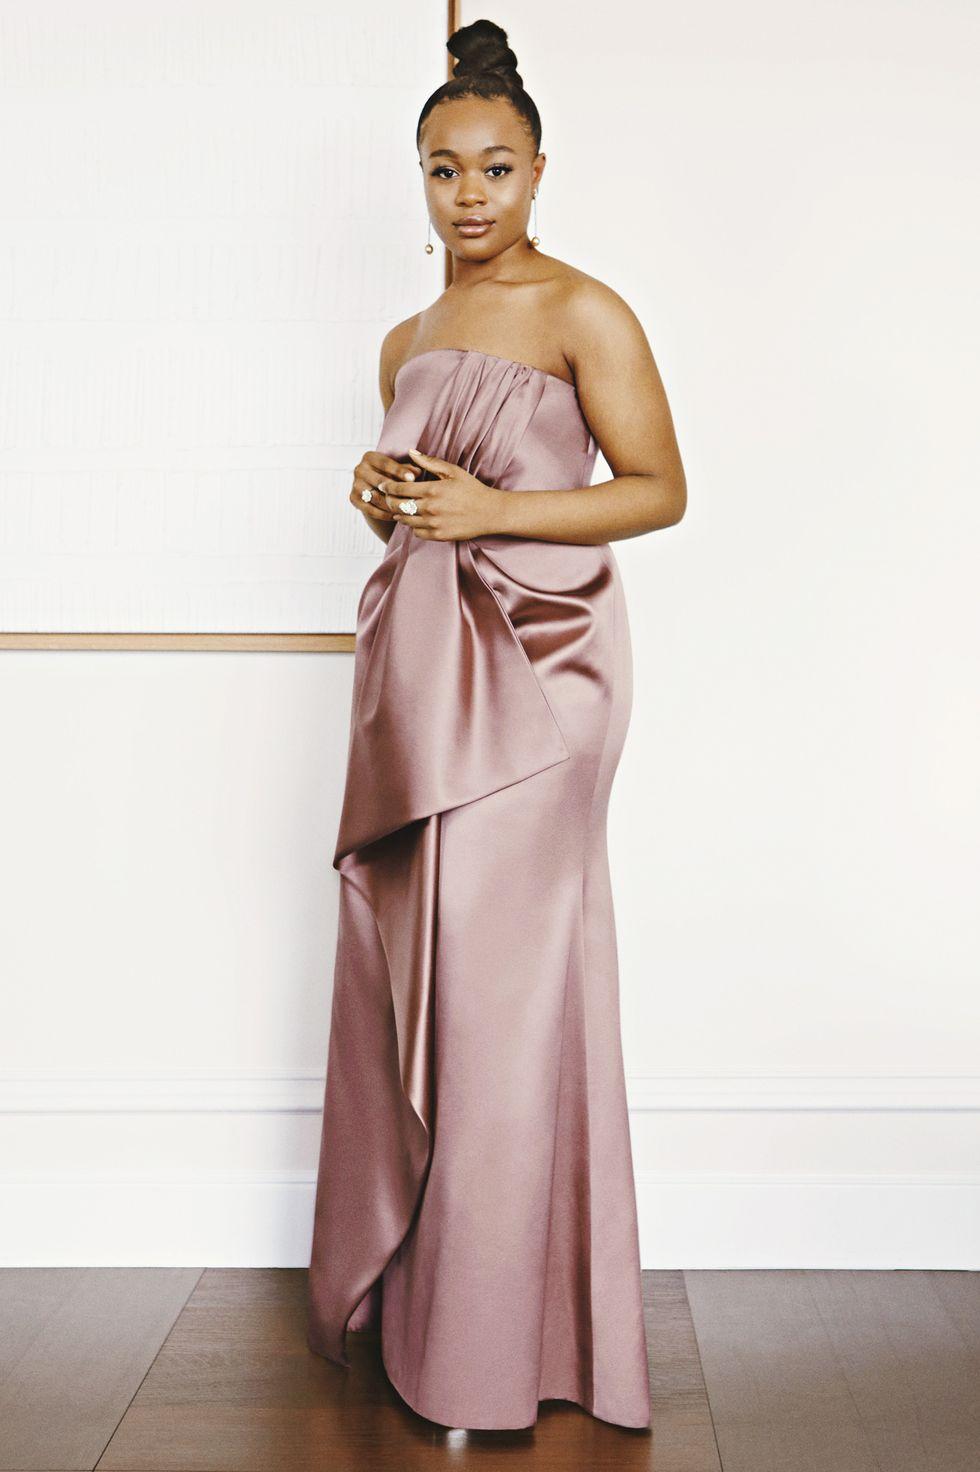 Rũ bỏ hình tượng cá tính, Bukky Bakray gây bức ngờ với phong cách dịu dàng trong bộ váy cúp ngực, màu hồng tím pastel của Prada.